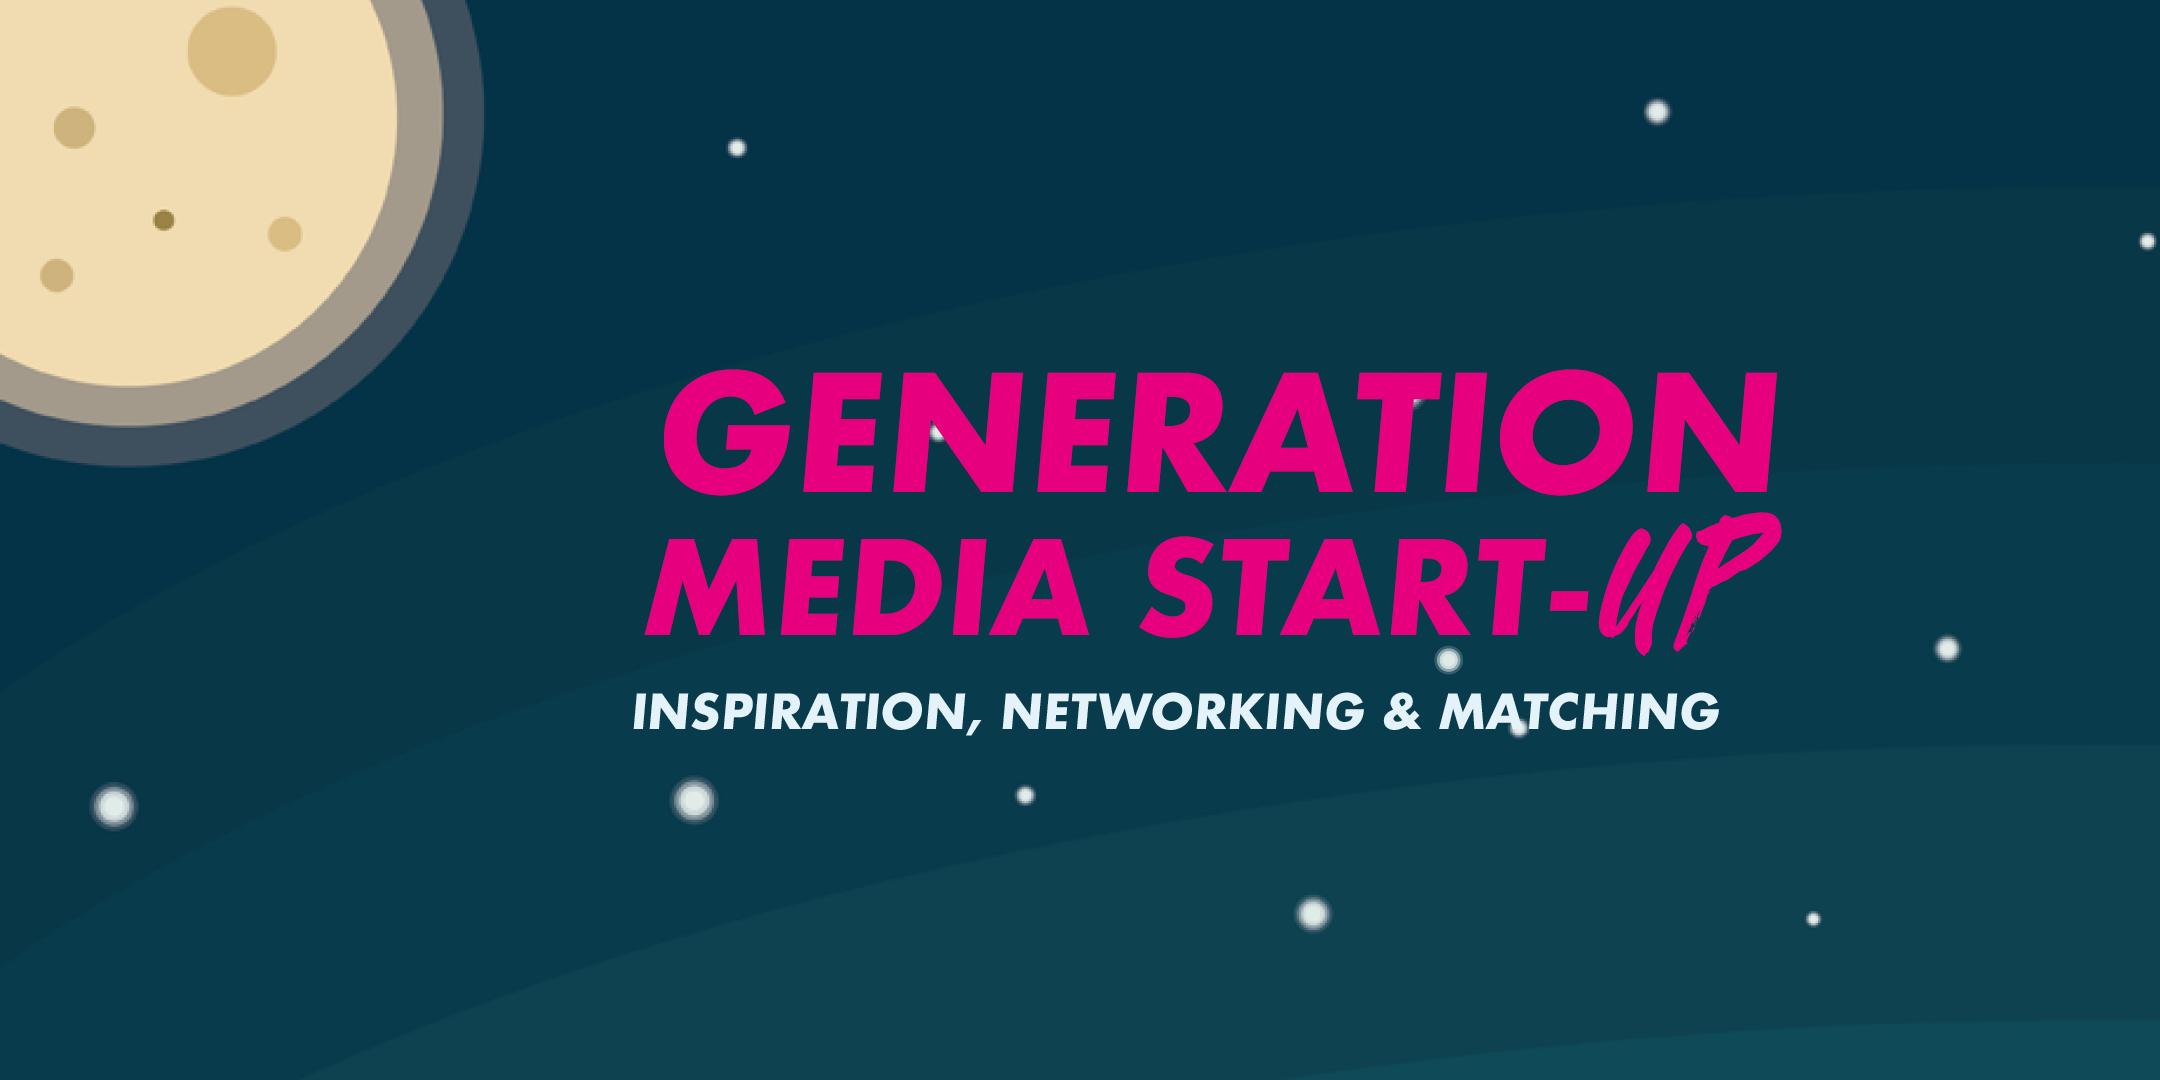 Jetzt Tickets sichern für die Generation Media Start-up 2019!